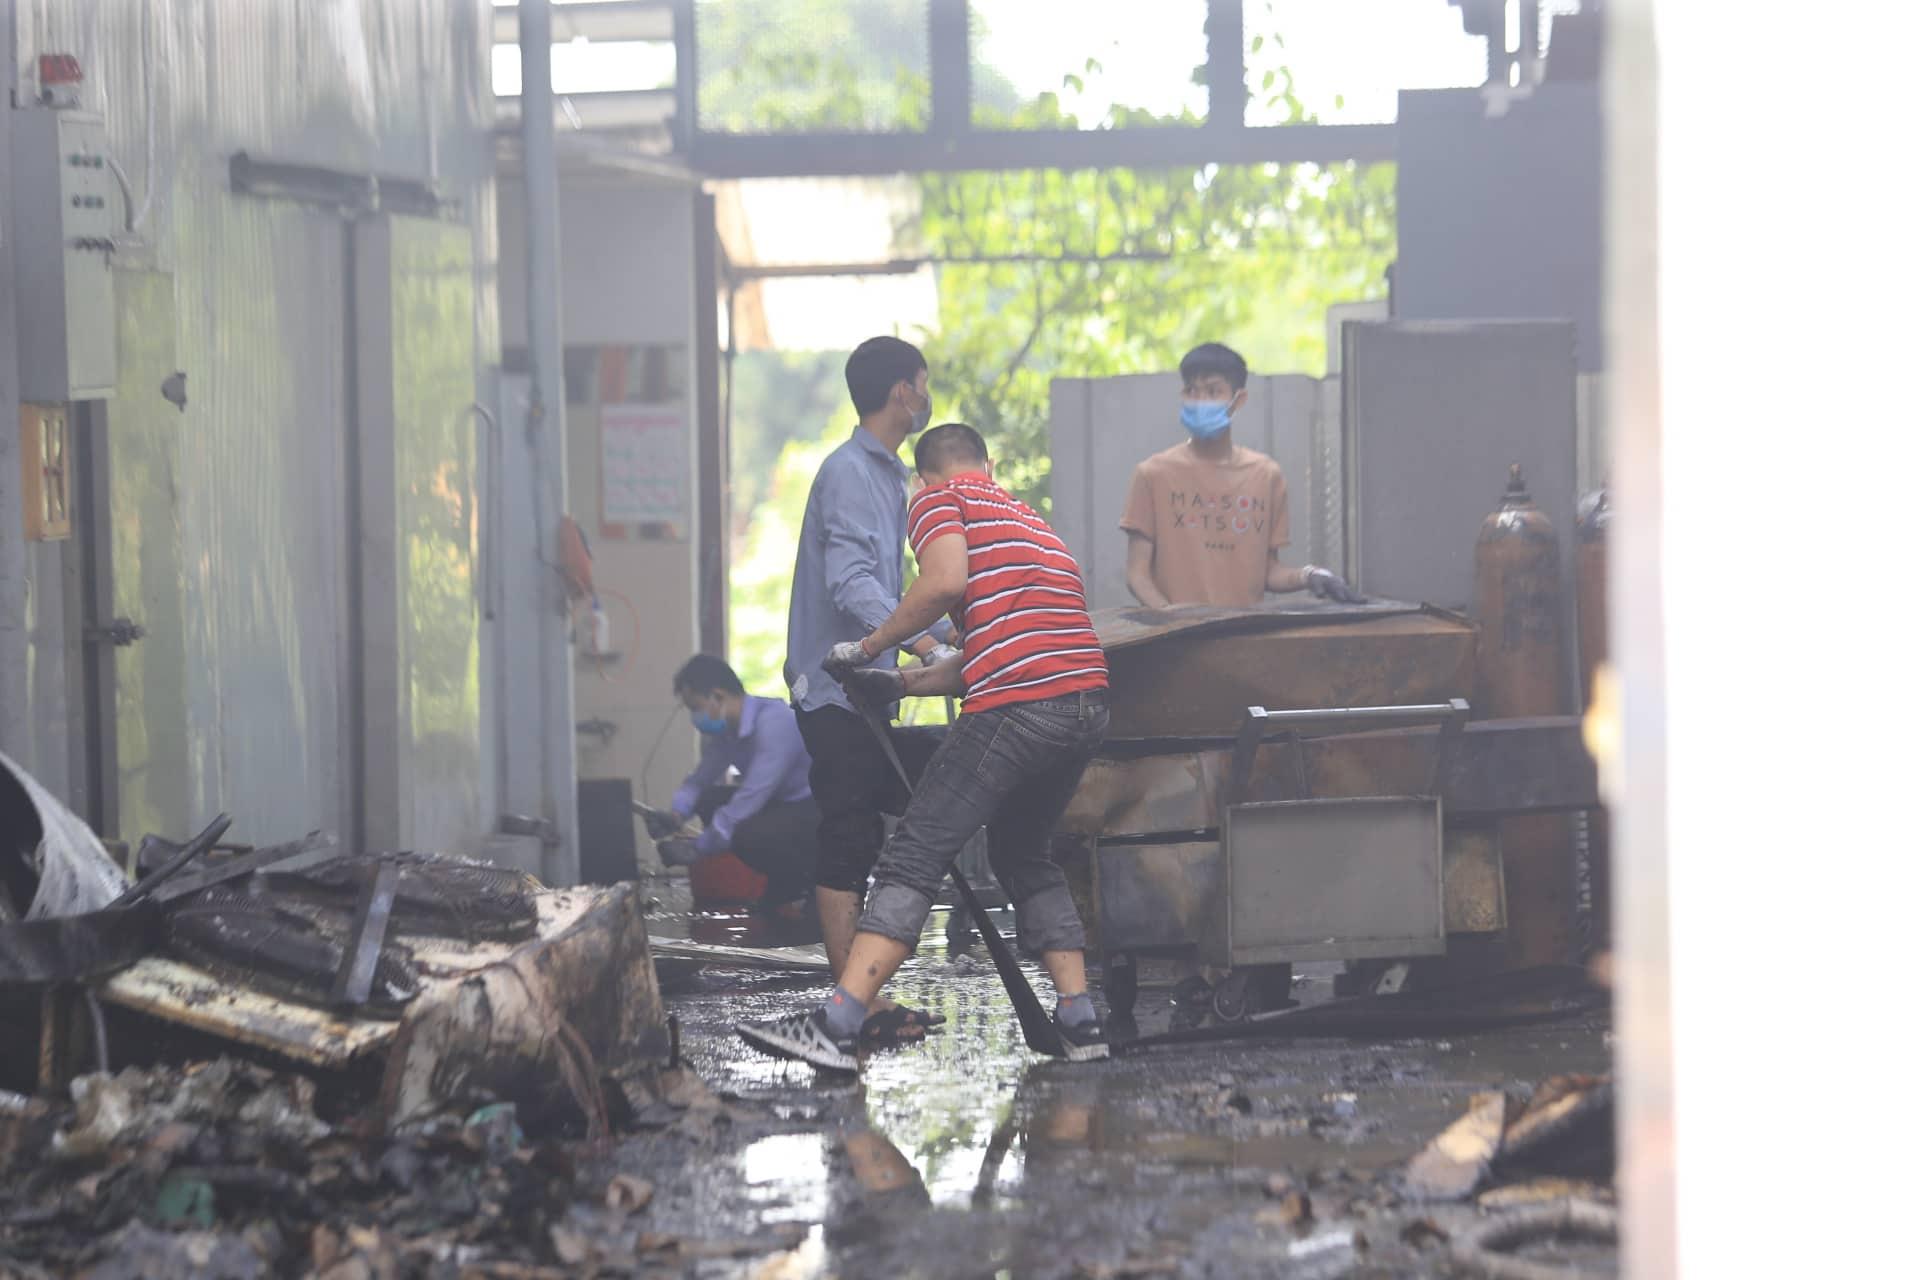 Nhân chứng vụ cháy 8 người chết và mất tích ở Hà Nội: Nghe có tiếng đập cửa nhưng không thể tiếp cận vì khói lửa quá dữ dội - Ảnh 2